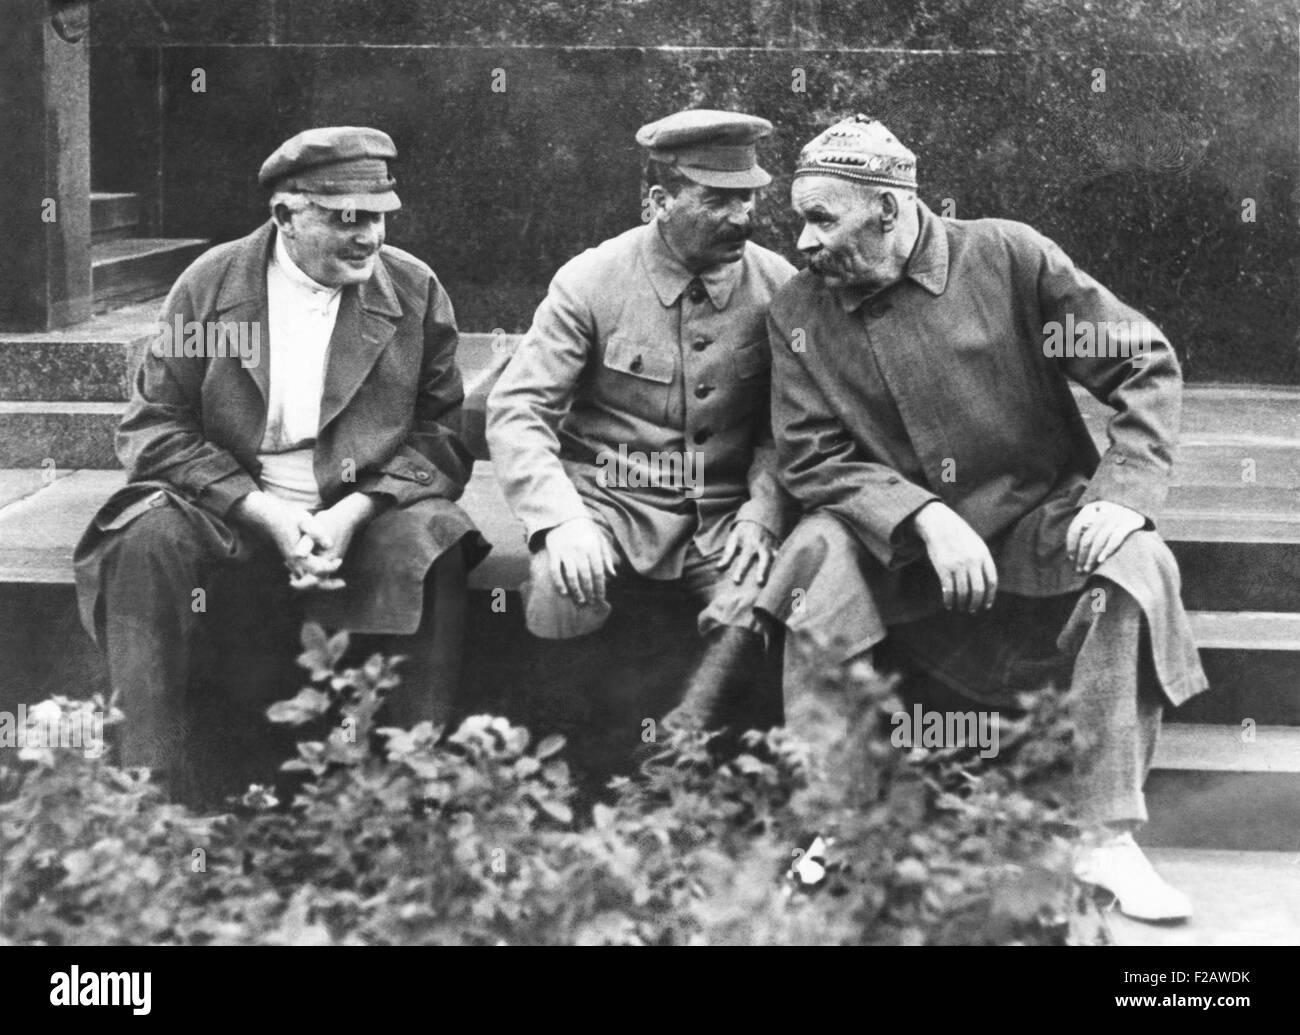 Camarades, A. S. Yenukidze, Joseph Staline, et Maxime Gorki sur 10ème anniversaire de l'Sportintern rouge. Photo Stock